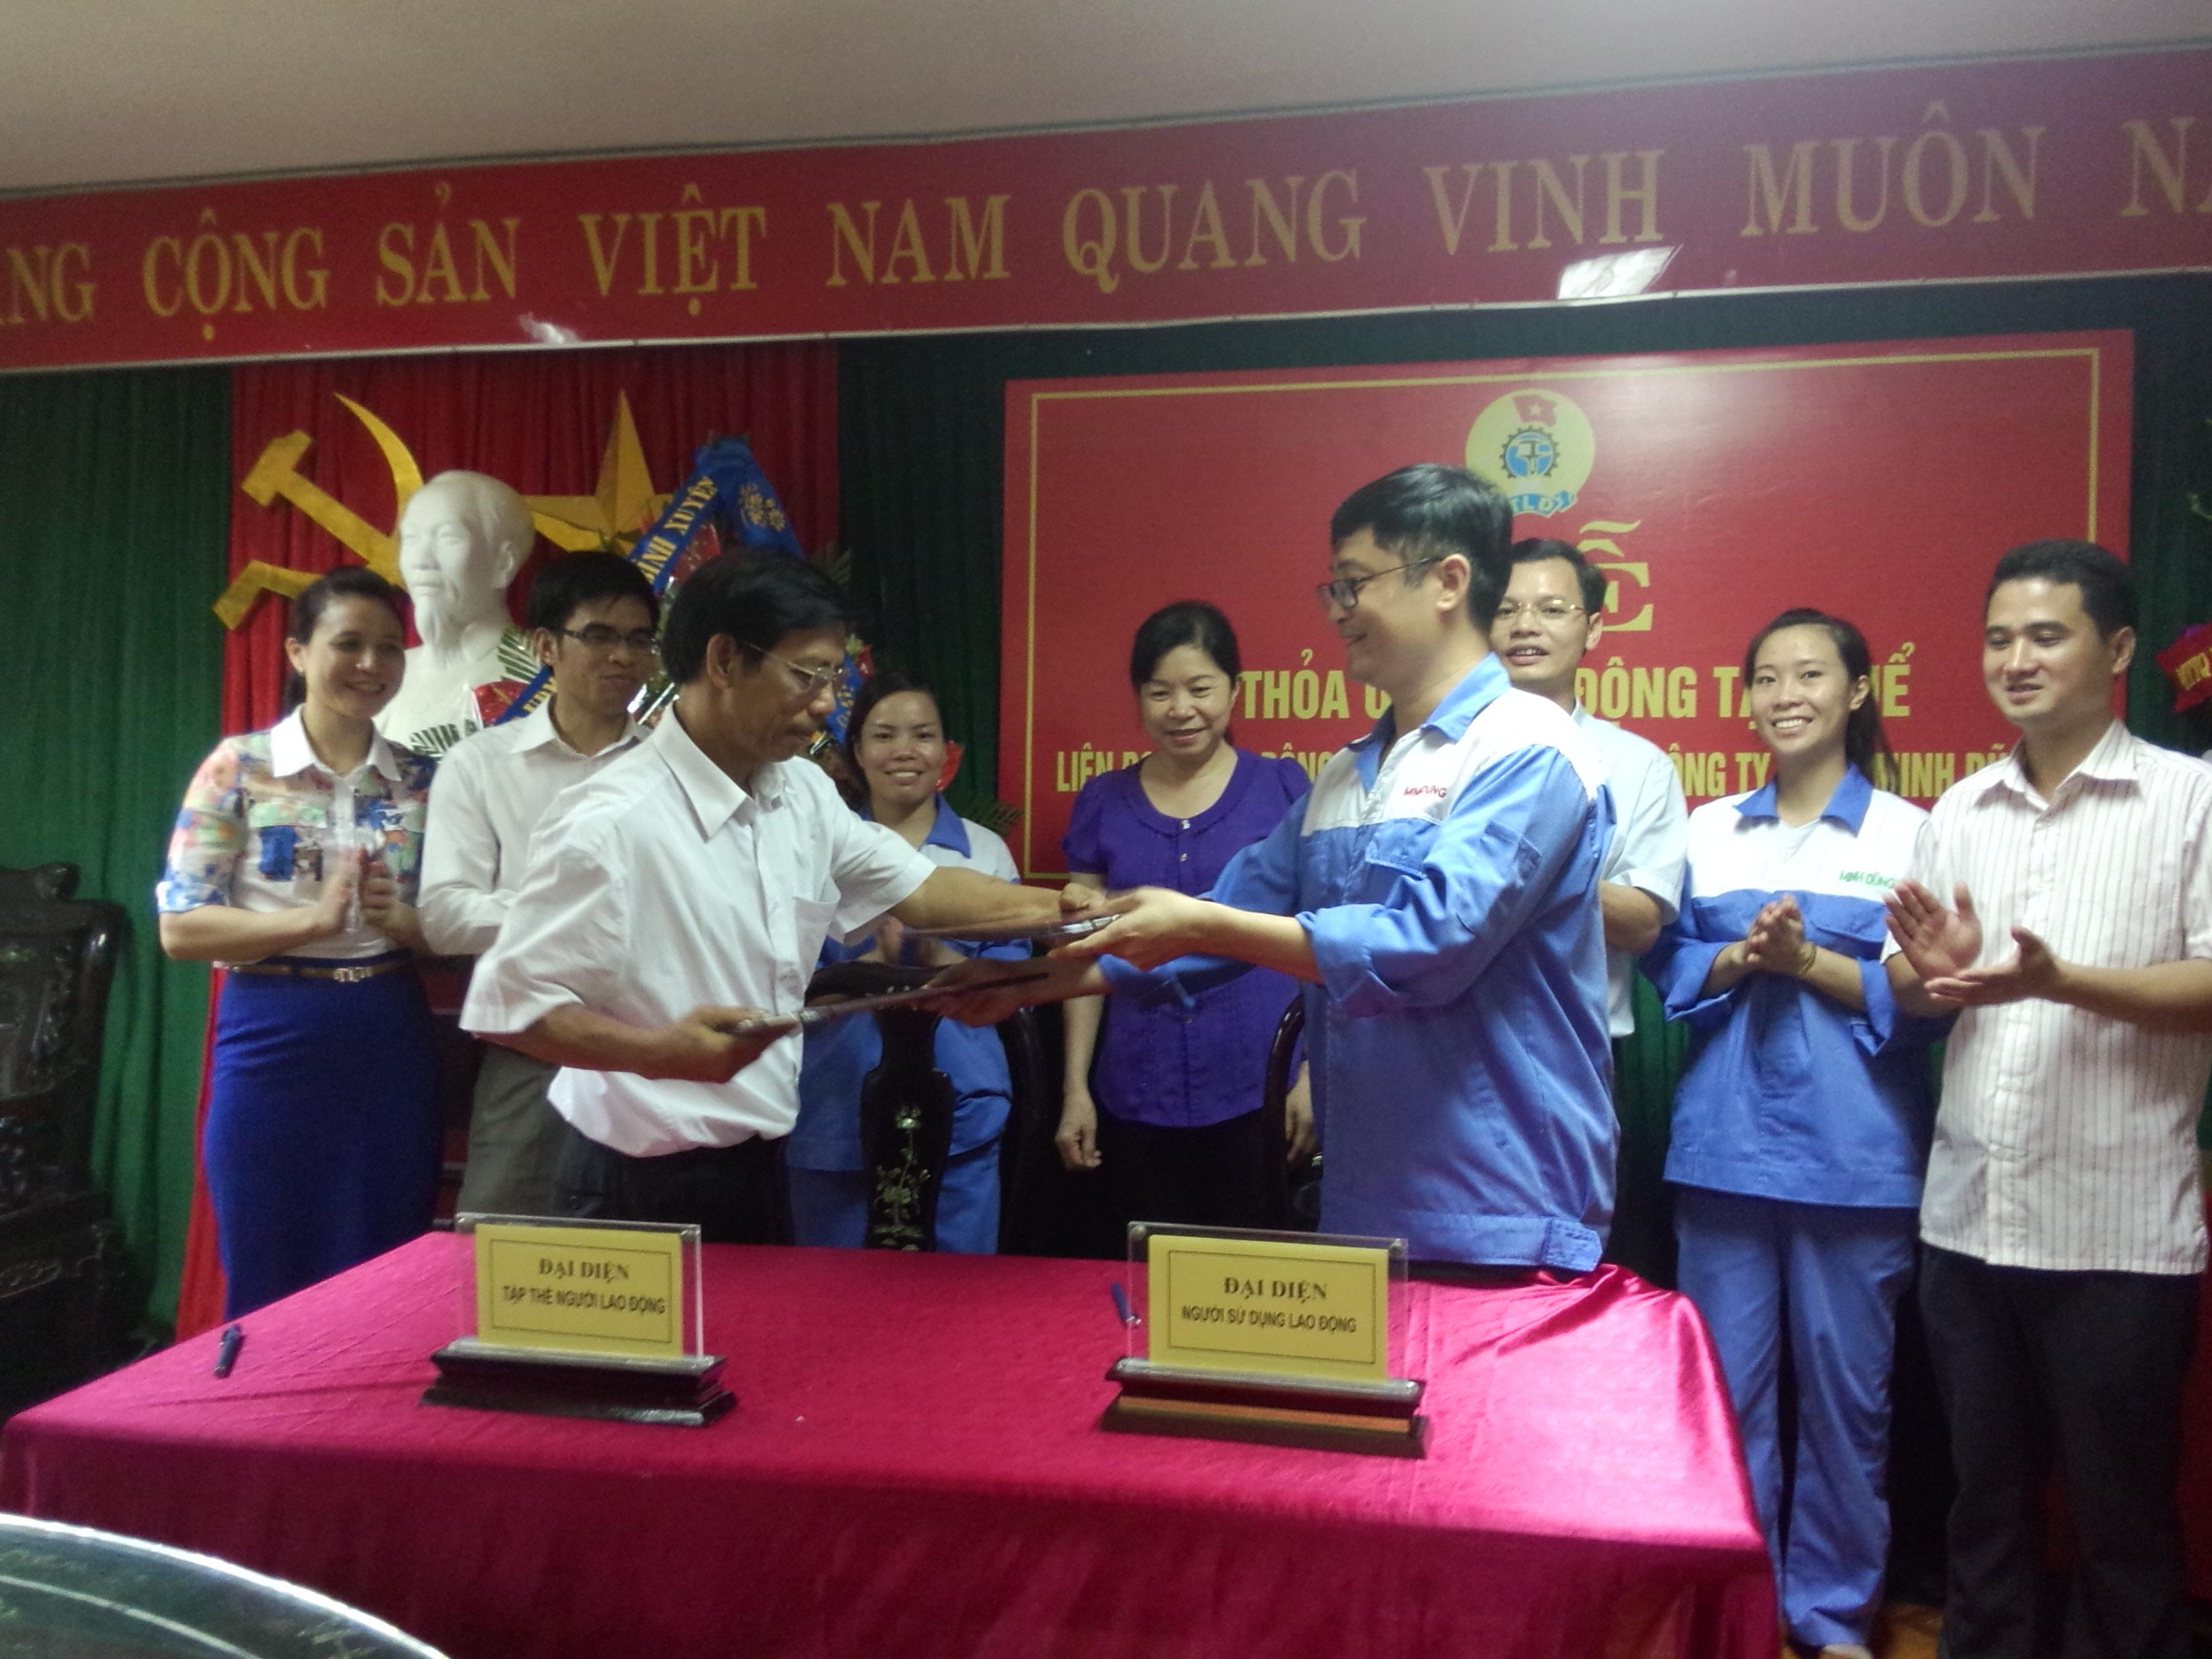 LĐLĐ huyện Bình Xuyên : Ký thỏa ước tại doanh nghiệp chưa có công đoàn